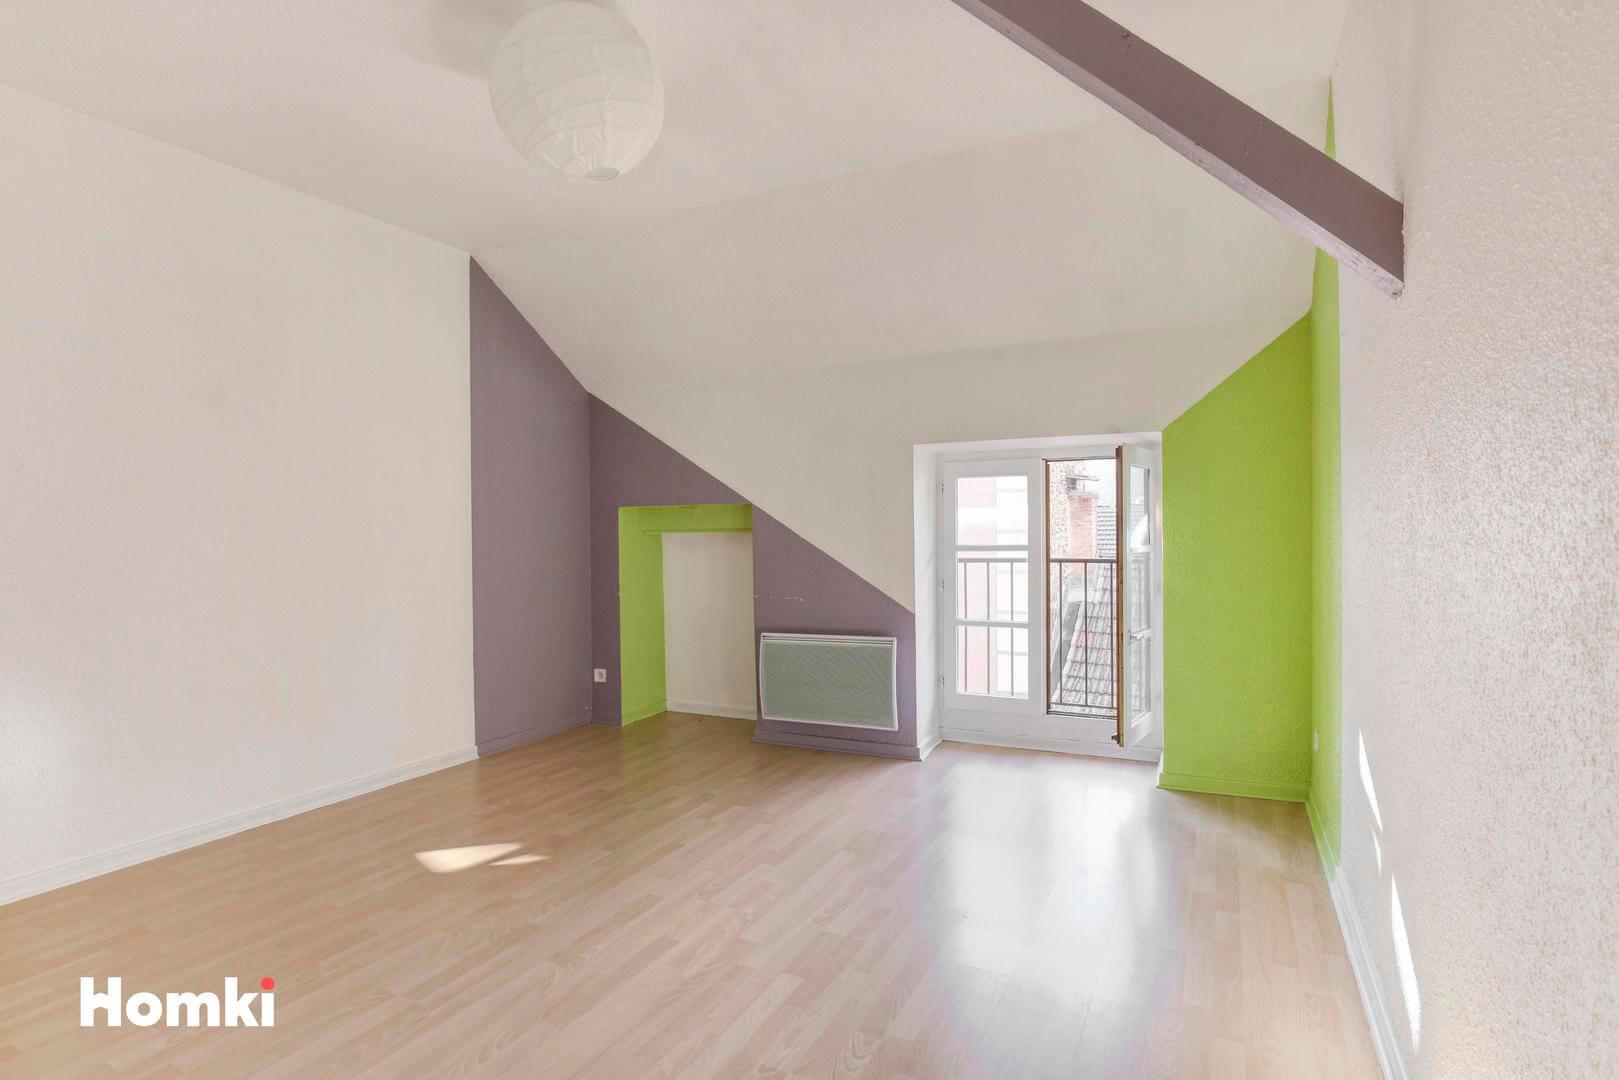 Homki - Vente Appartement  de 82.0 m² à Crémieu 38460